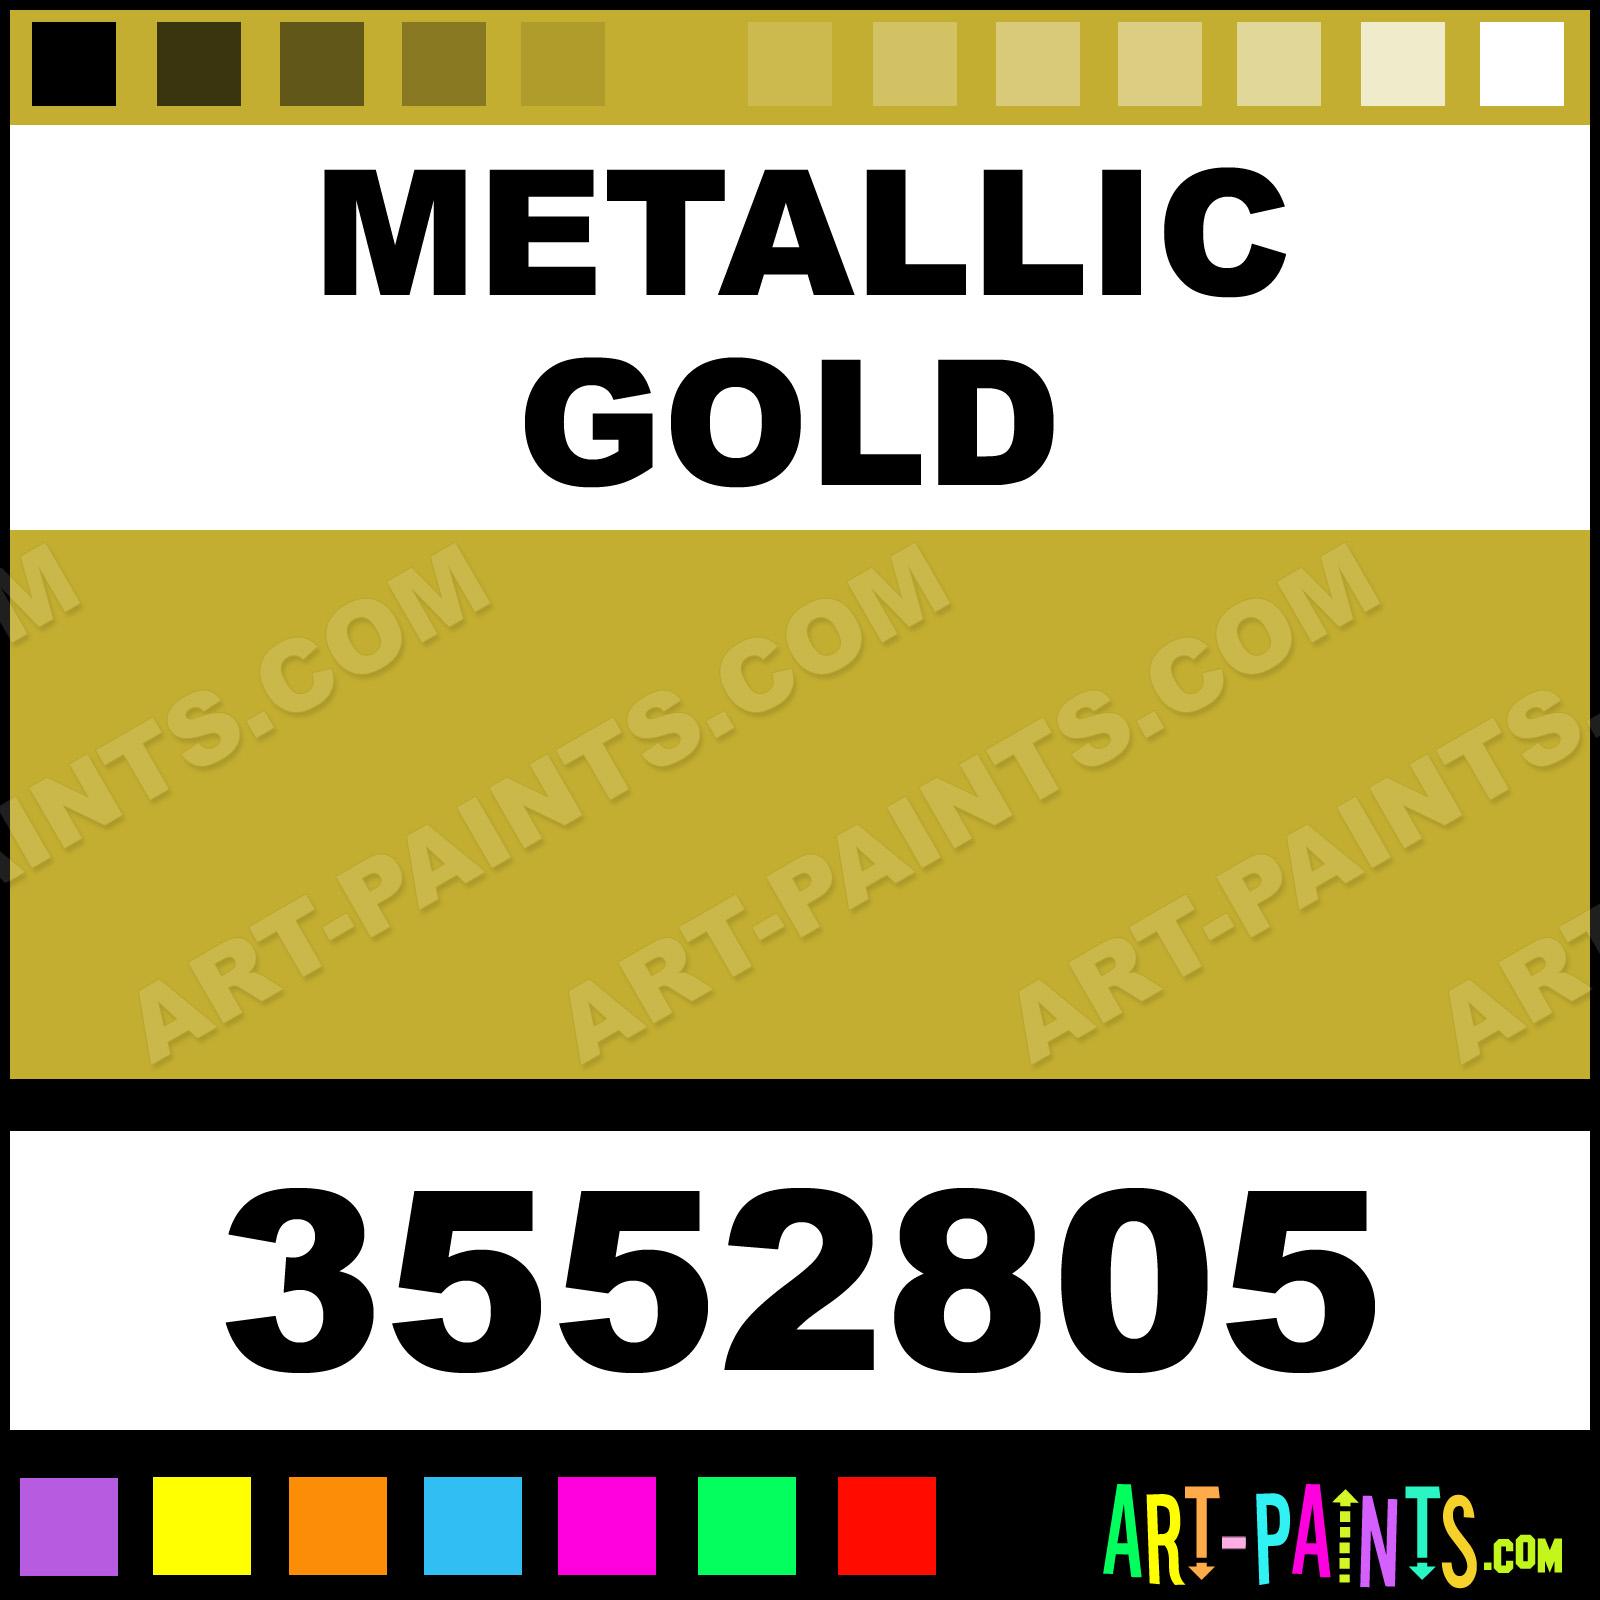 Metallic Gold Pigmented Acrylic Ink Calligraphy Inks